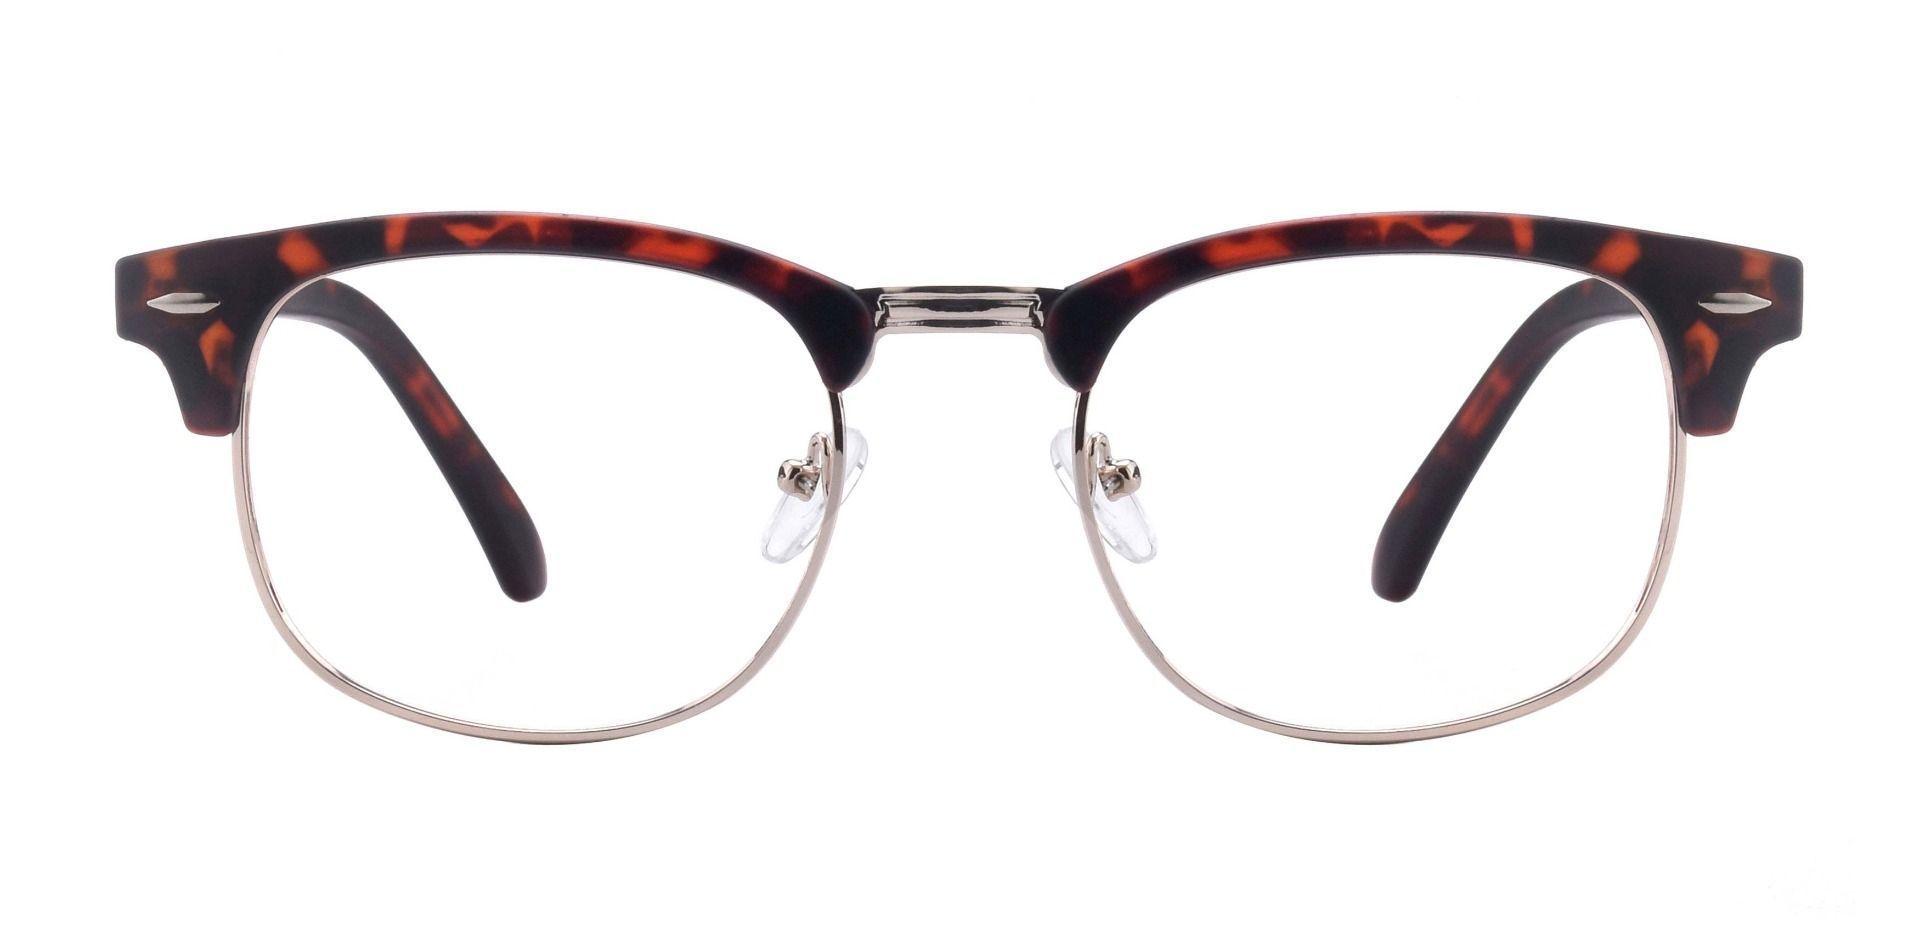 Liverpool Browline Prescription Glasses - Tortoise